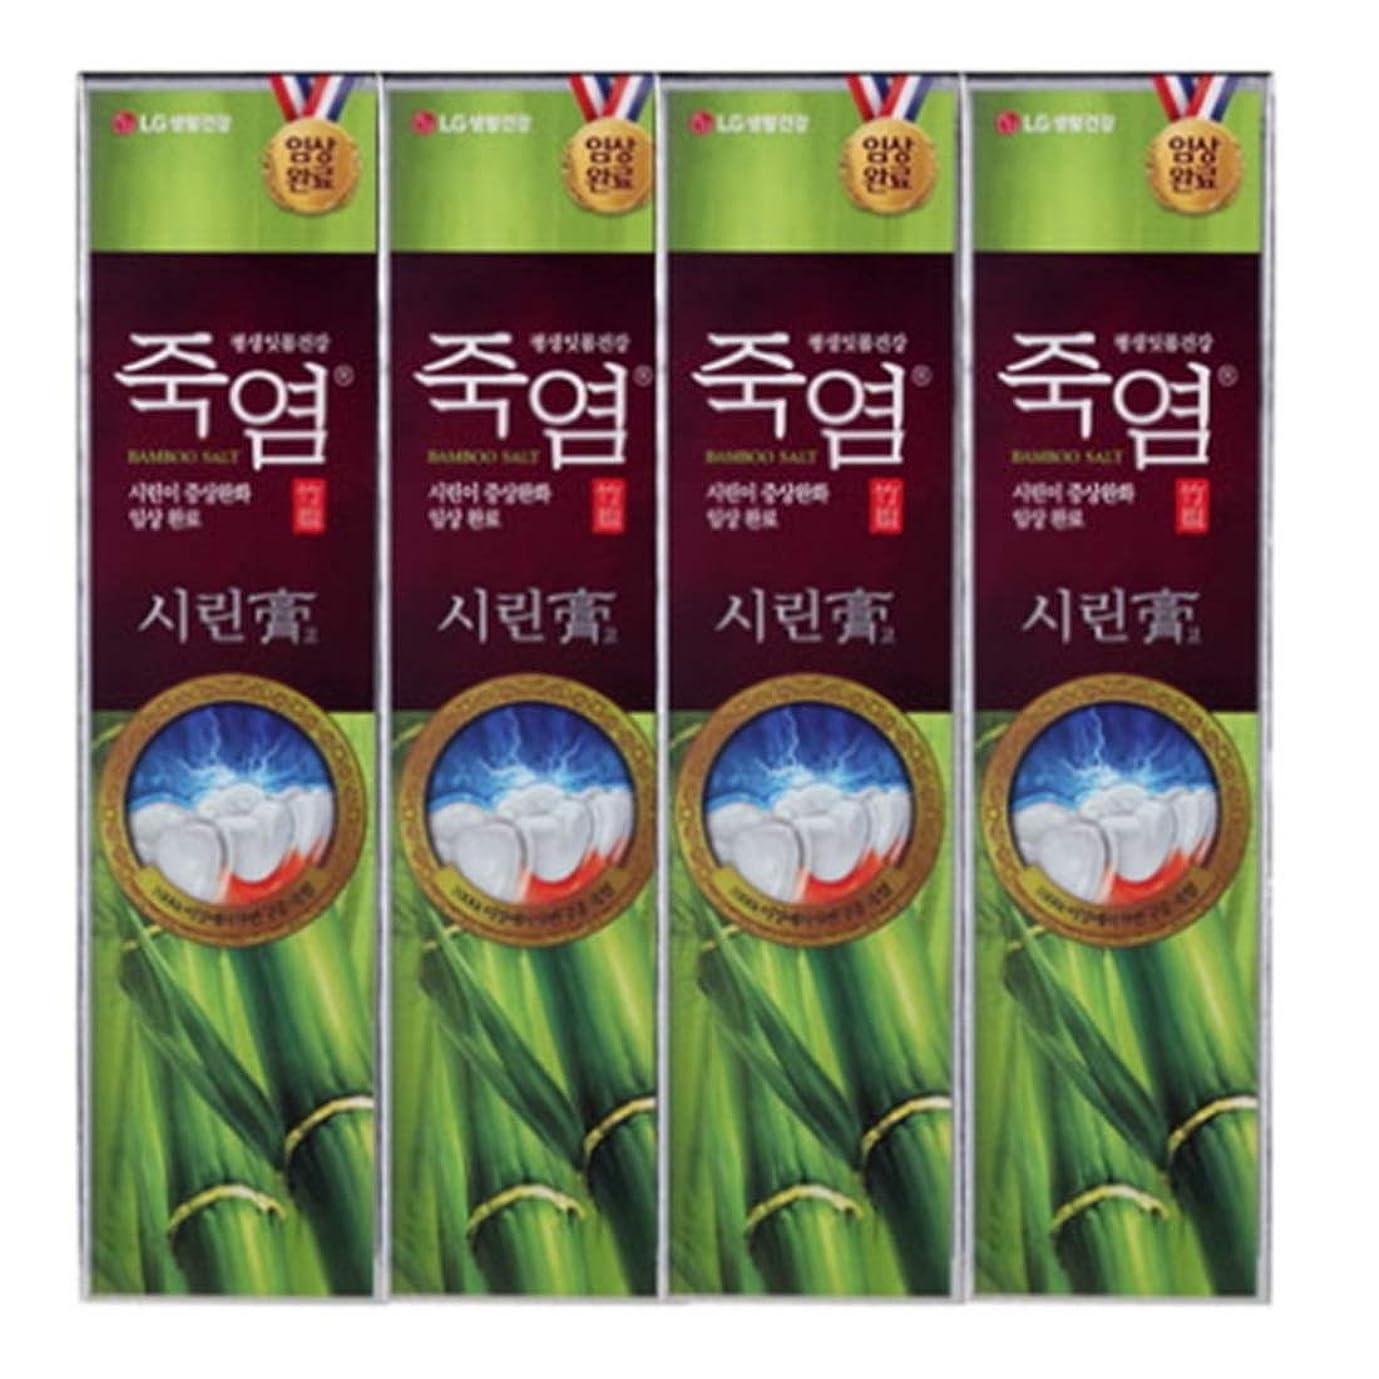 作曲する従来の請負業者[LG Care/LG生活健康]竹塩歯磨き粉つぶれて歯茎を健康に120g x4ea/歯磨きセットスペシャル?リミテッドToothpaste Set Special Limited Korea(海外直送品)